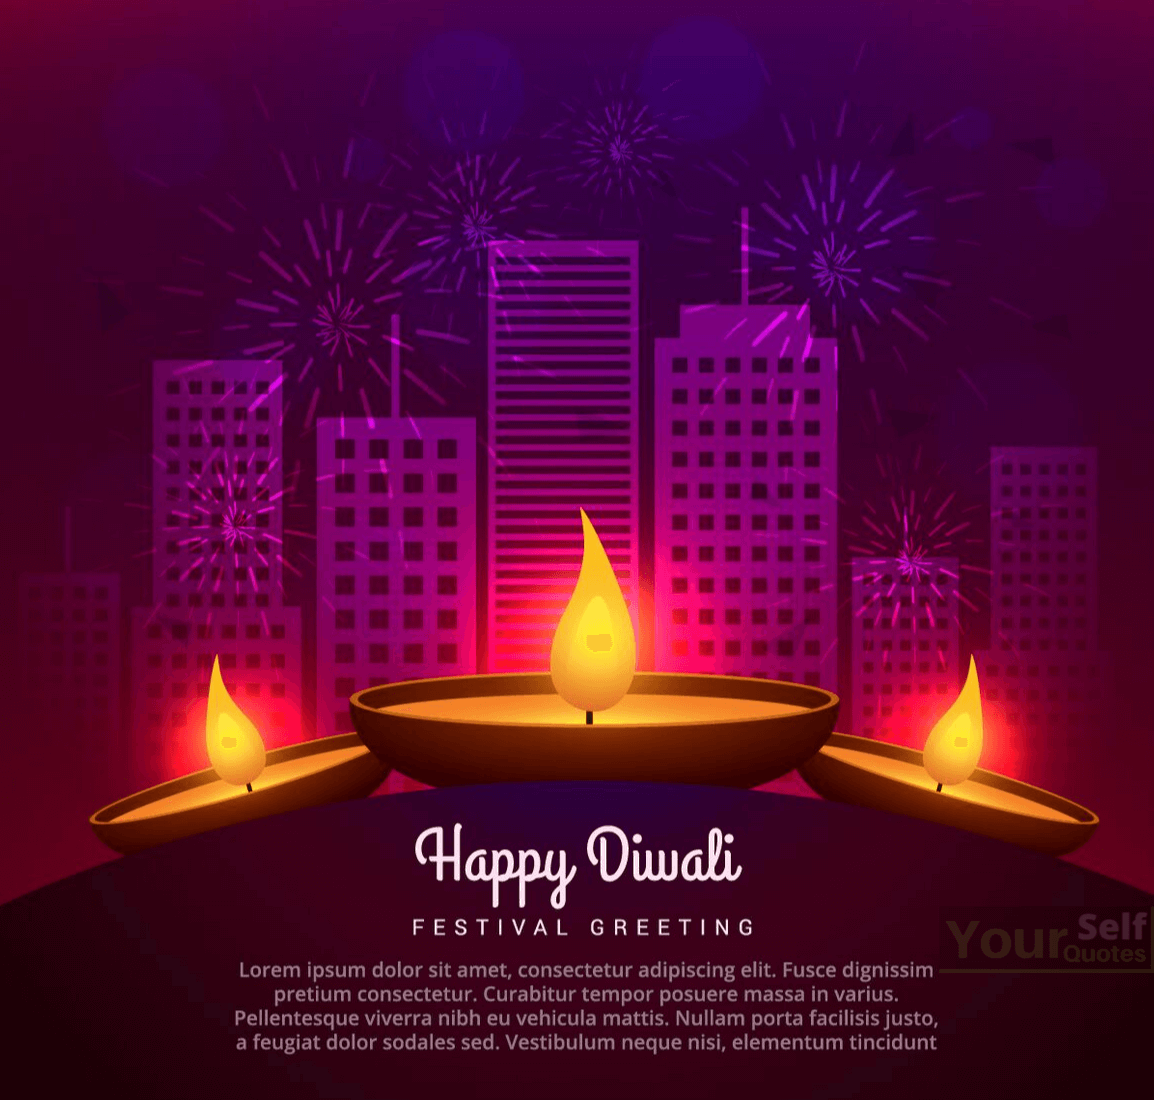 Diwali Image2